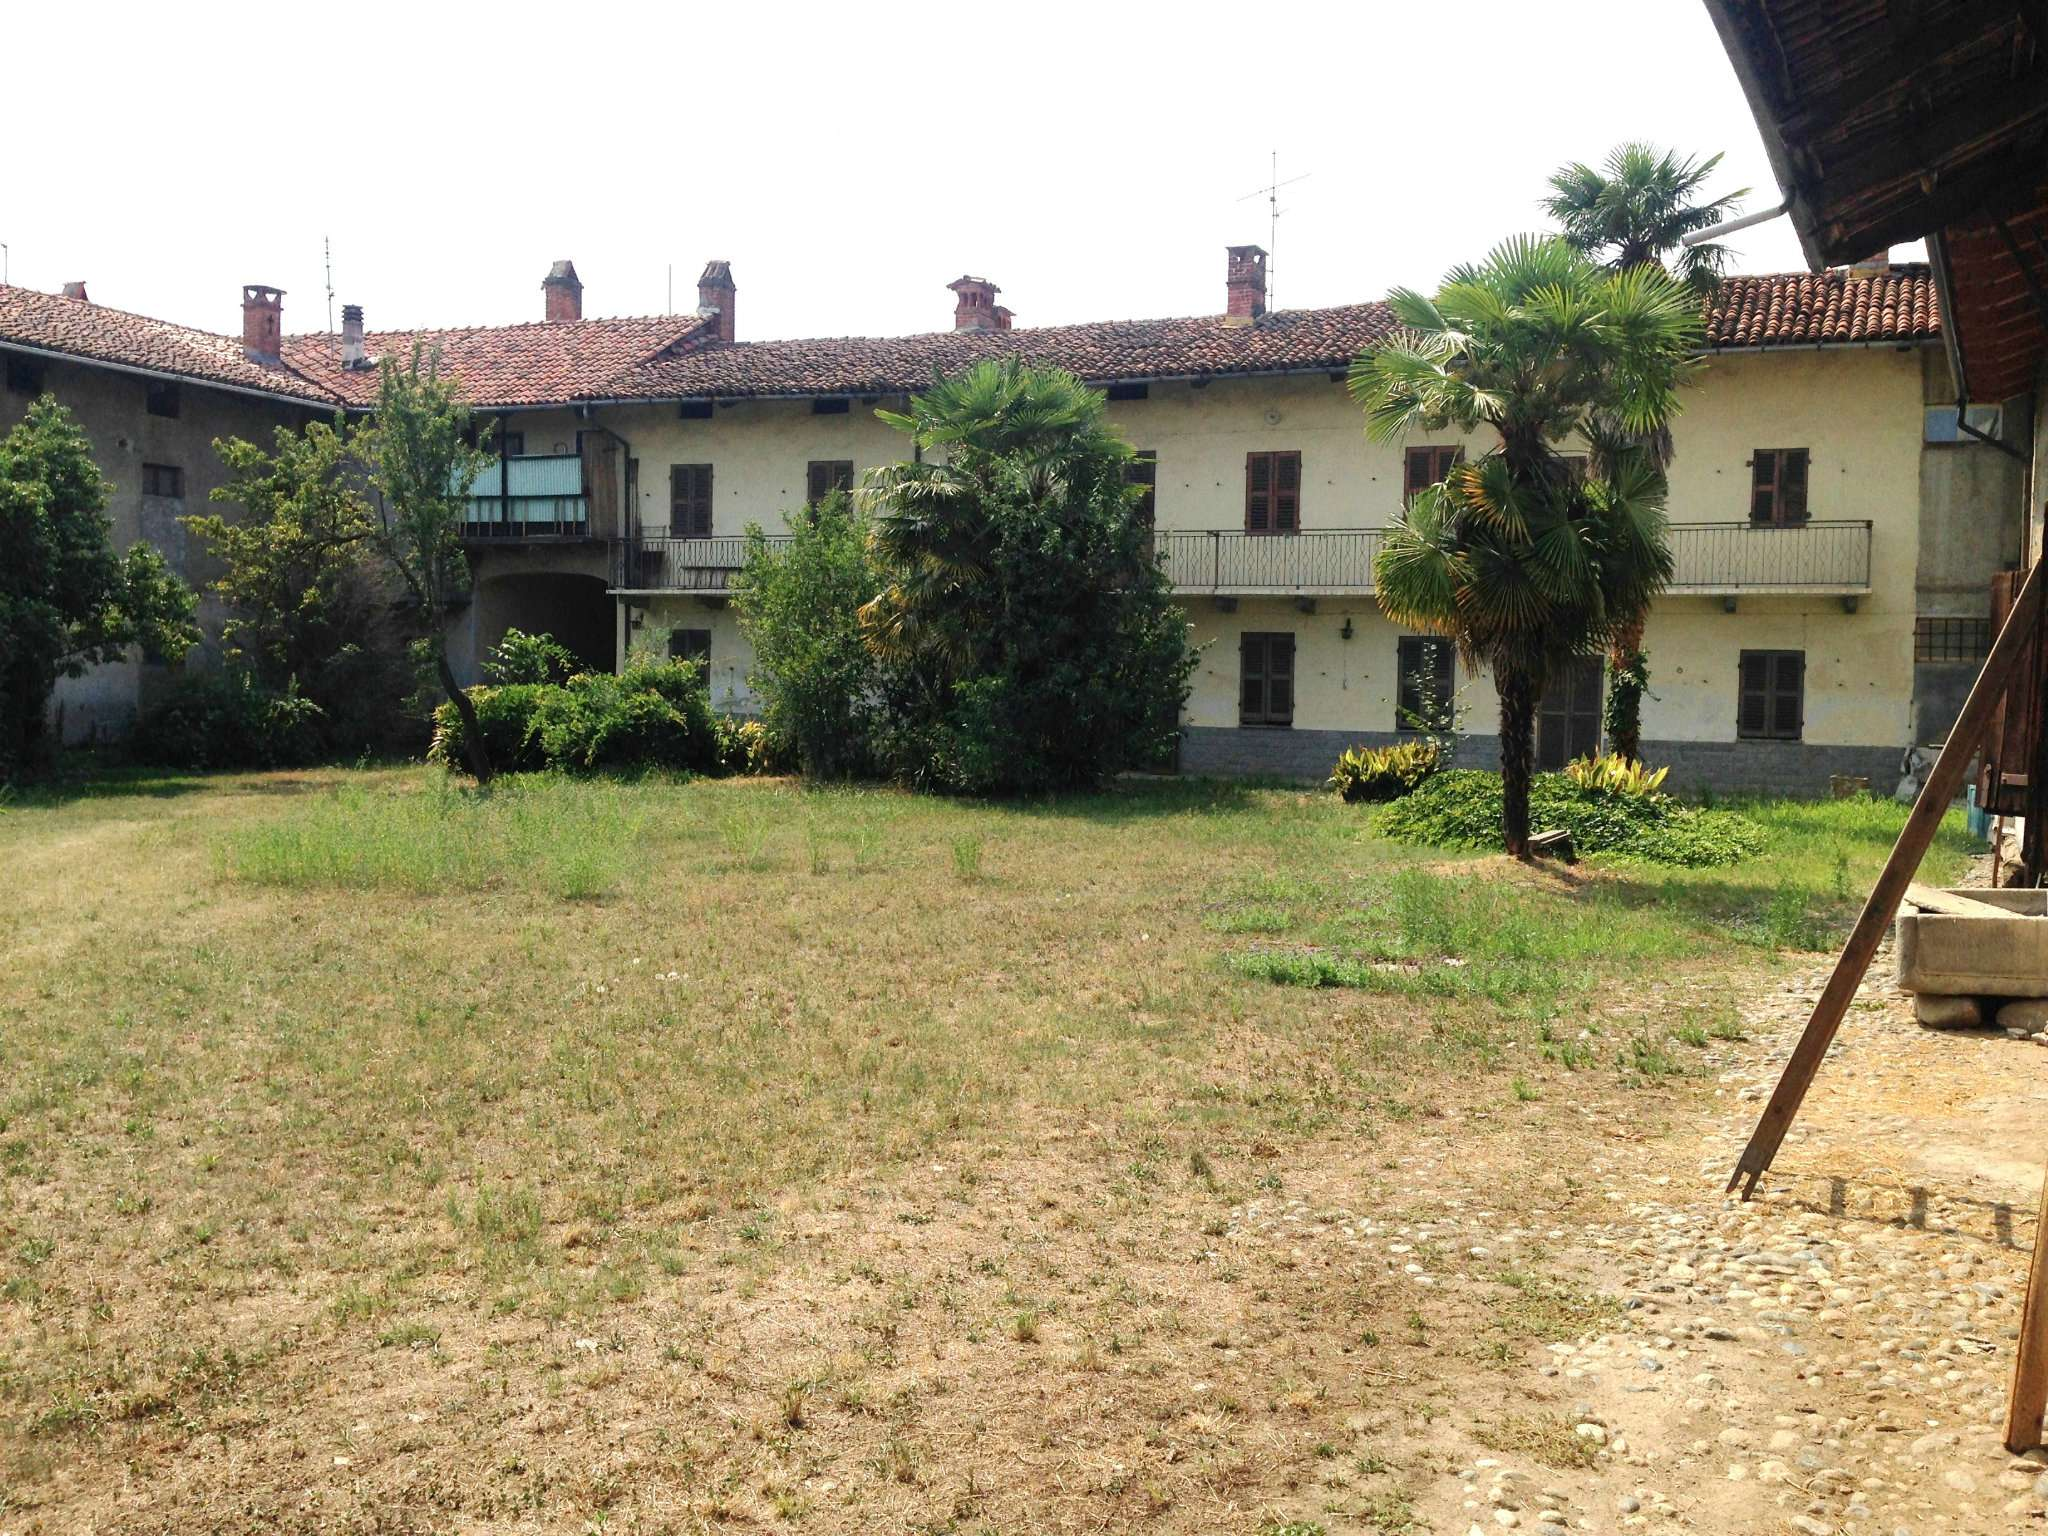 Rustico / Casale in vendita a Garzigliana, 6 locali, prezzo € 135.000 | Cambio Casa.it